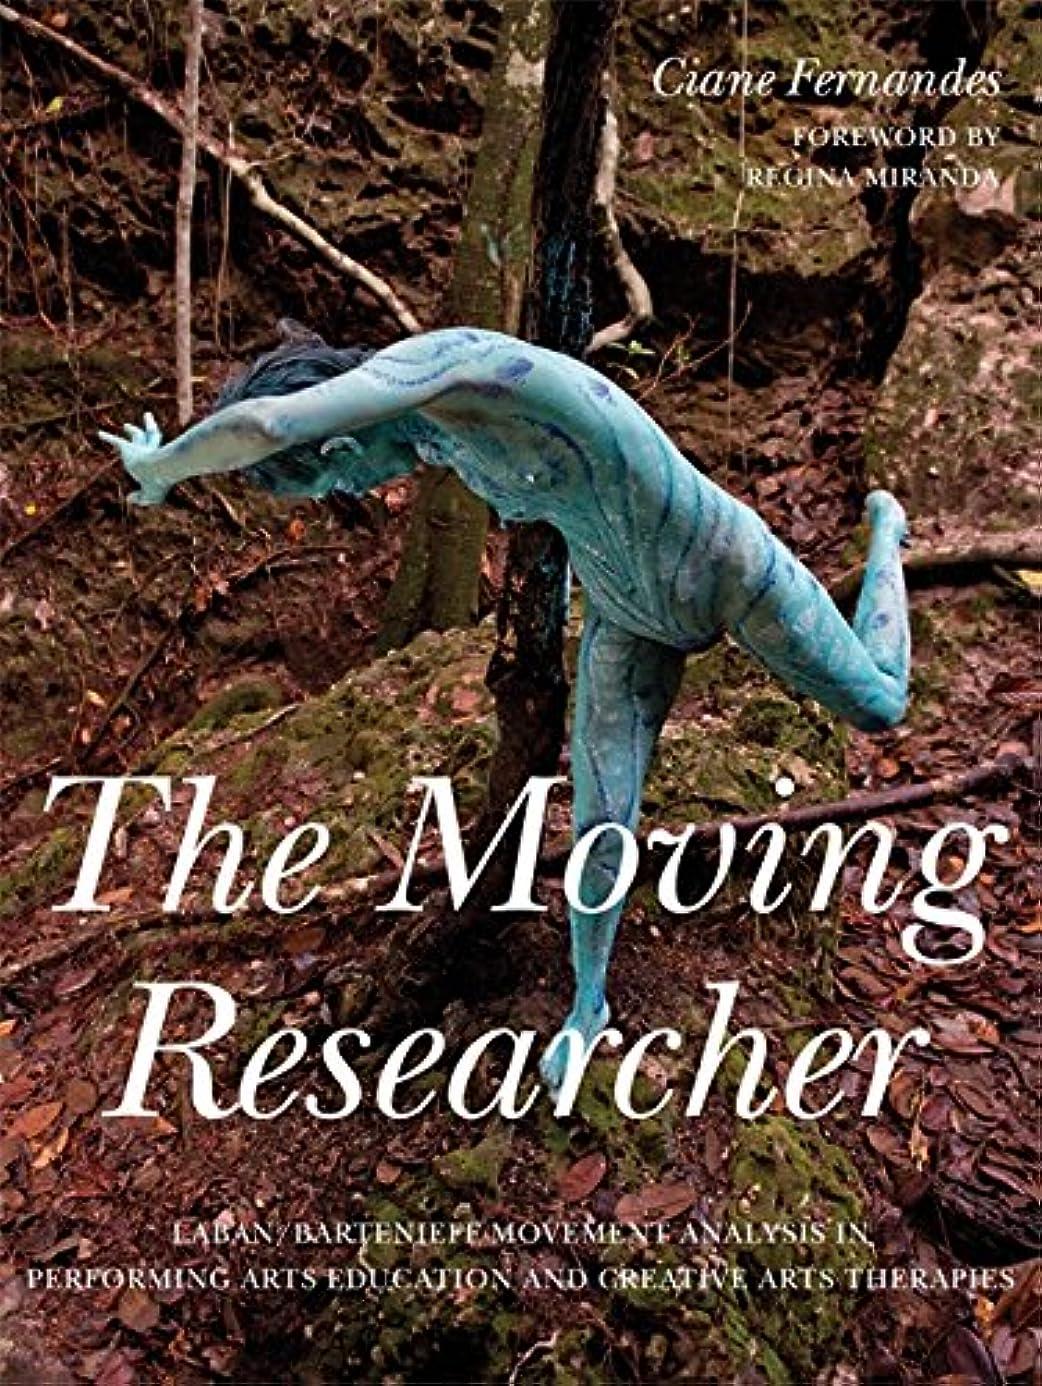 雇用中に仕事The Moving Researcher: Laban/Bartenieff Movement Analysis in Performing Arts Education and Creative Arts Therapies